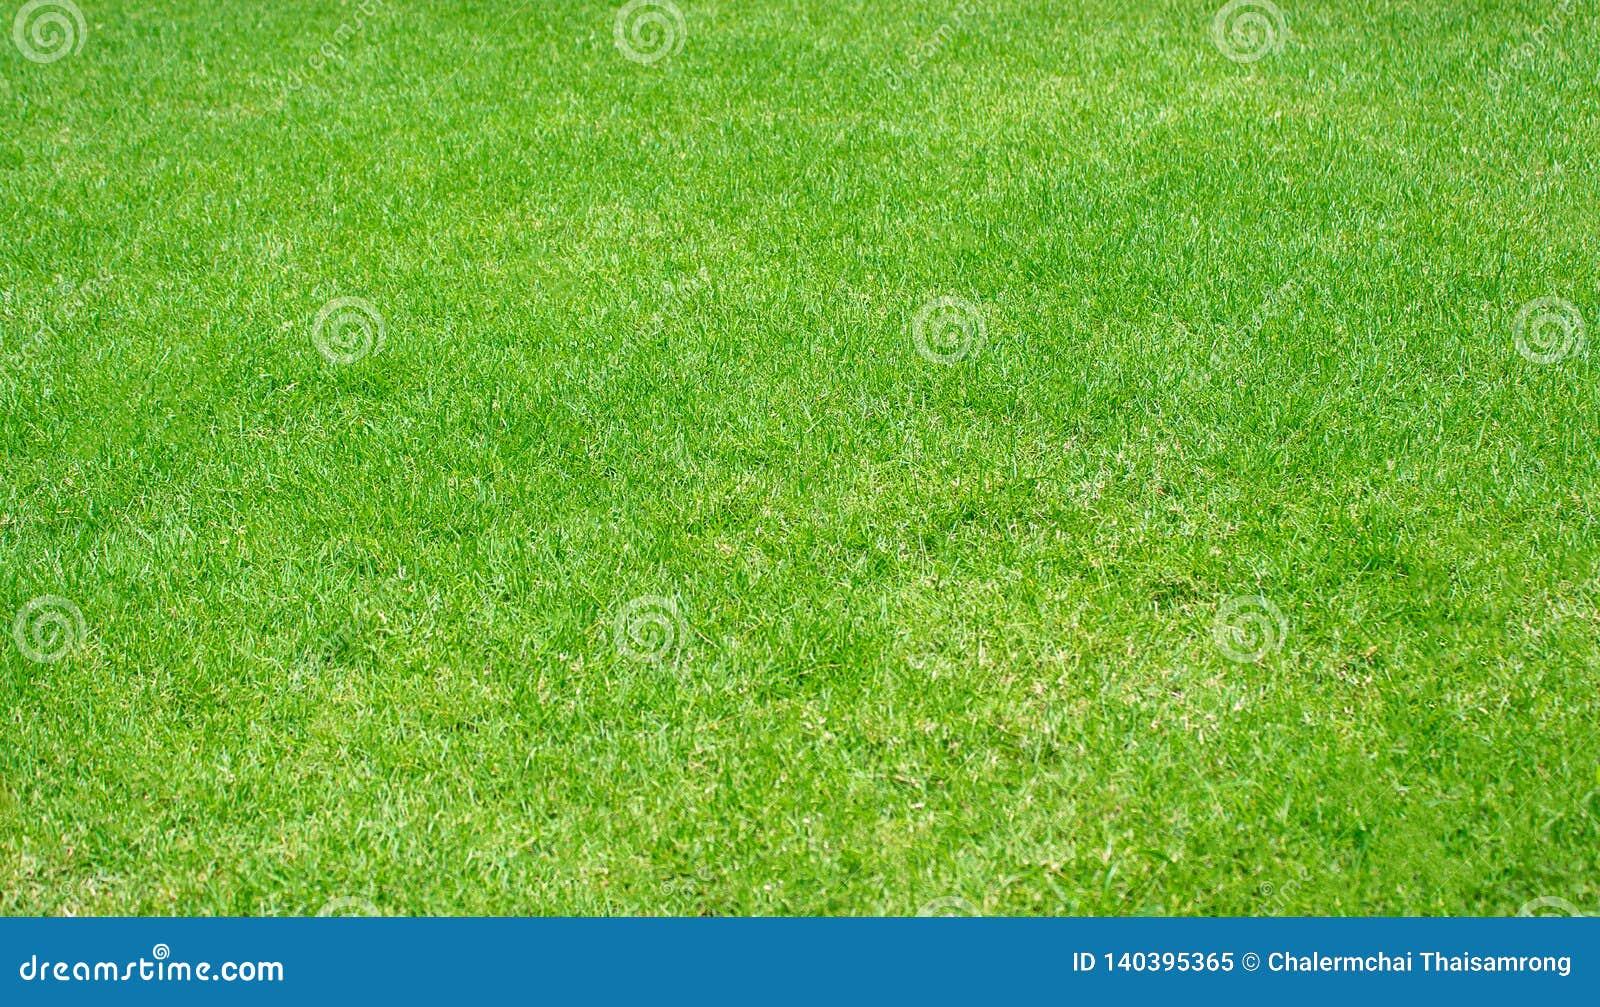 Το πράσινο κατασκευασμένο υπόβαθρο σχεδίων χορτοταπήτων, φρέσκος πράσινος στενός επάνω χορτοταπήτων